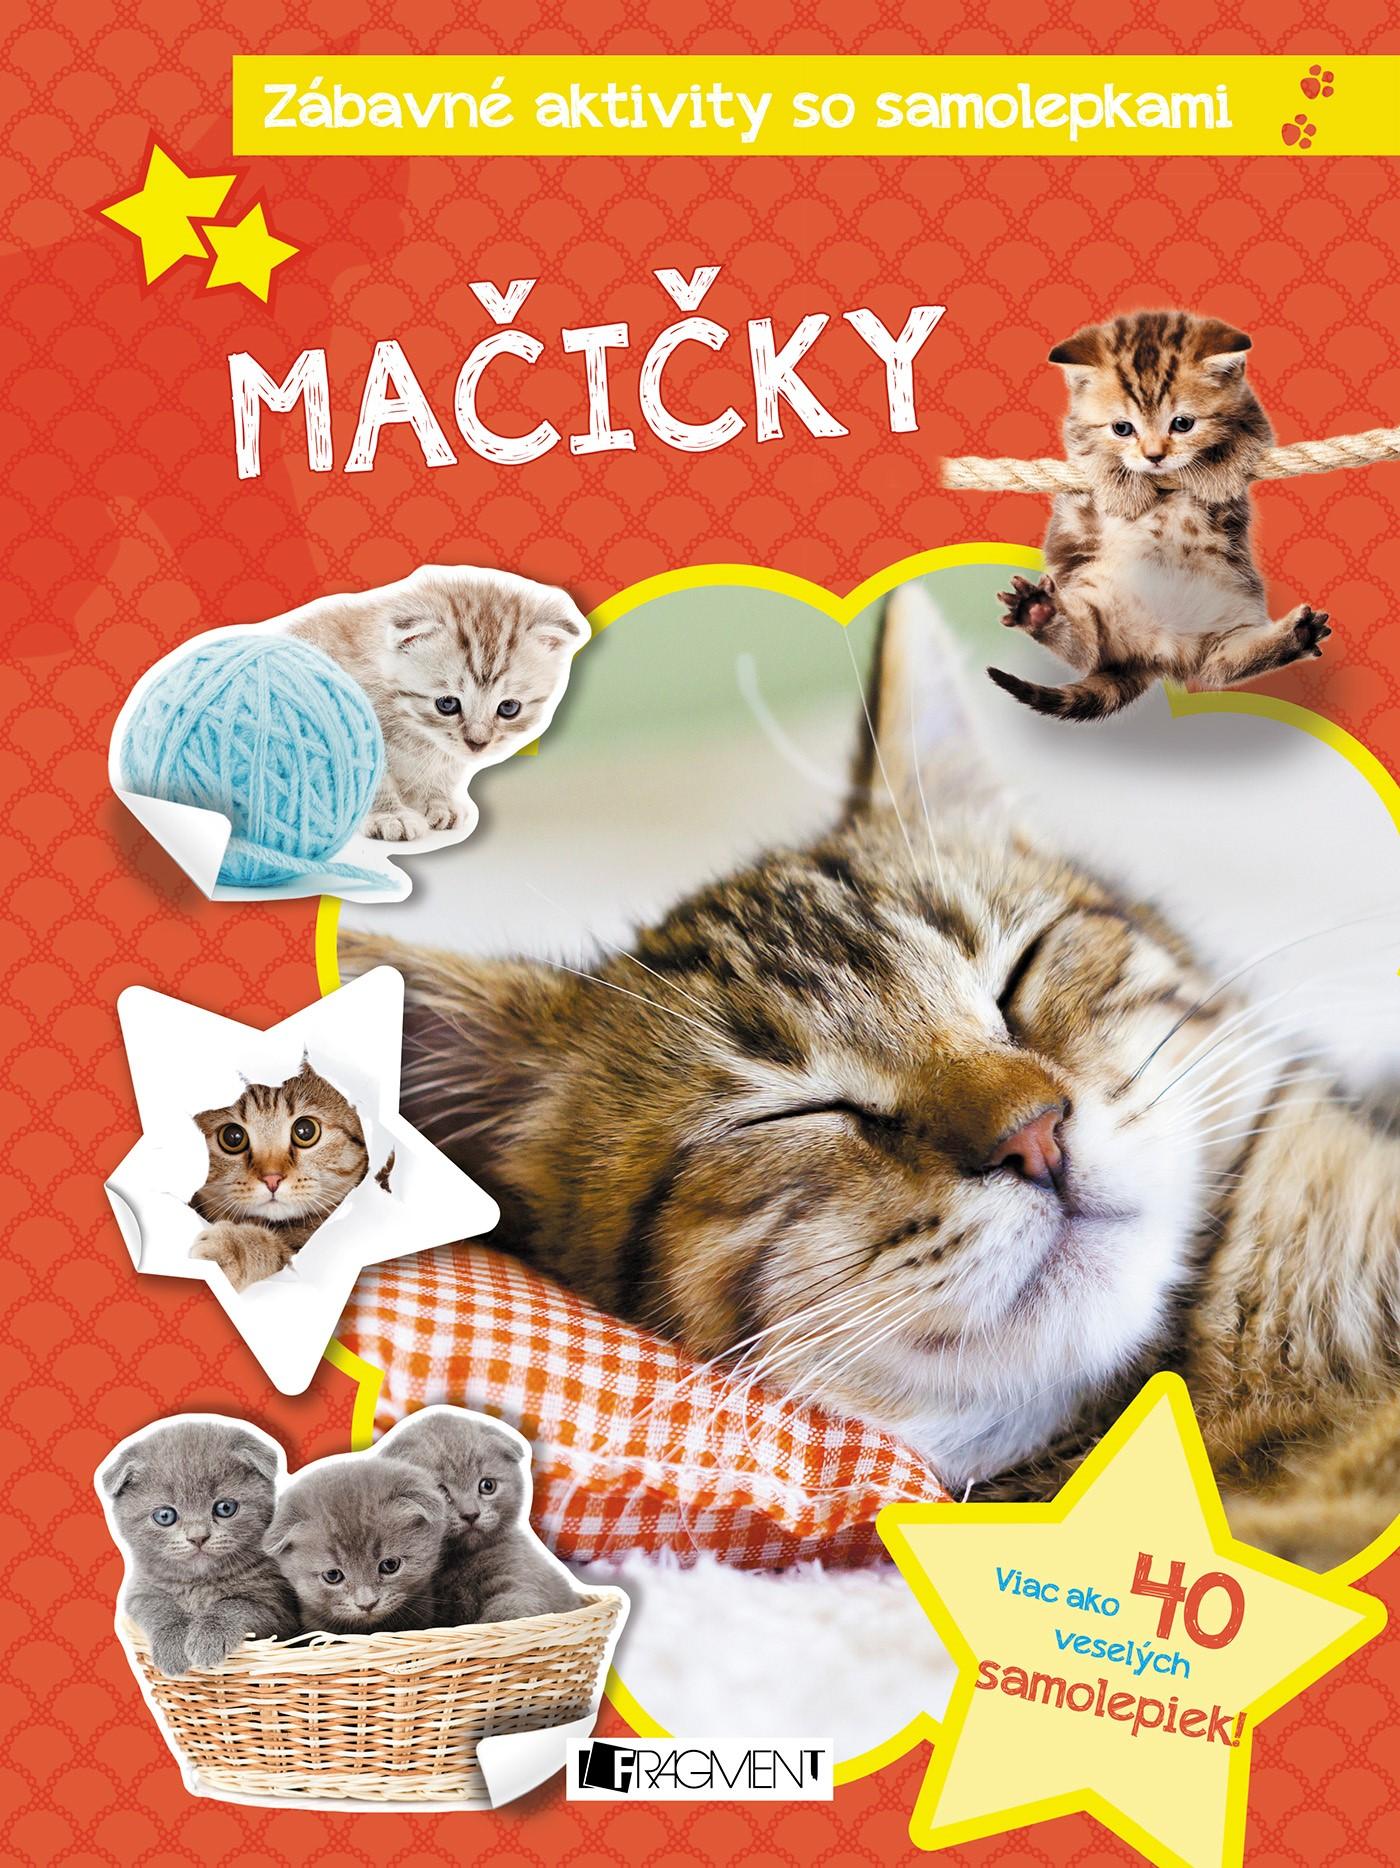 Zábavné aktivity so samolepkami - Mačičky